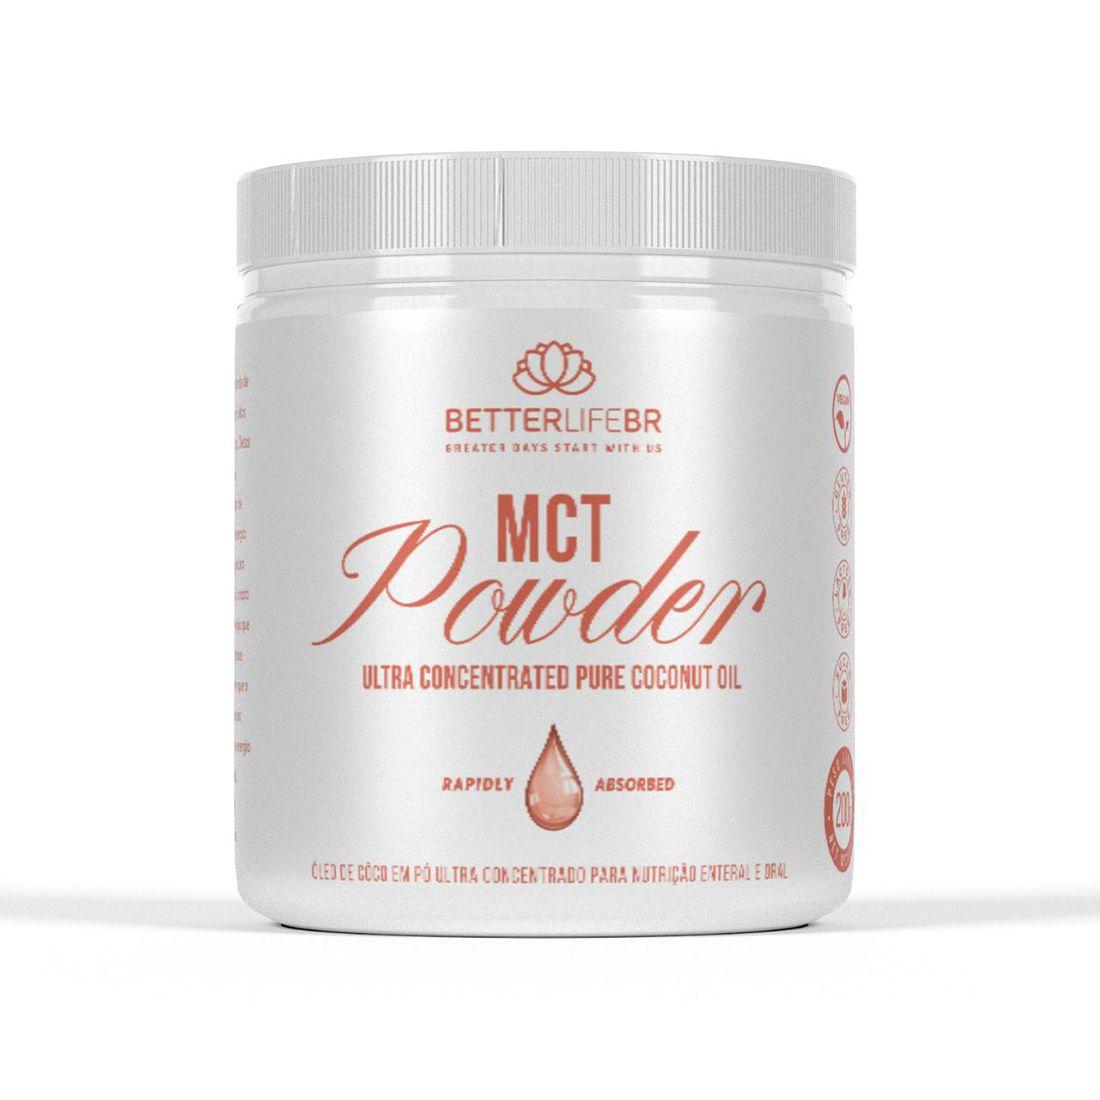 MCT Powder Óleo de Coco Ultra Concentrado em Pó 200g - BetterLife